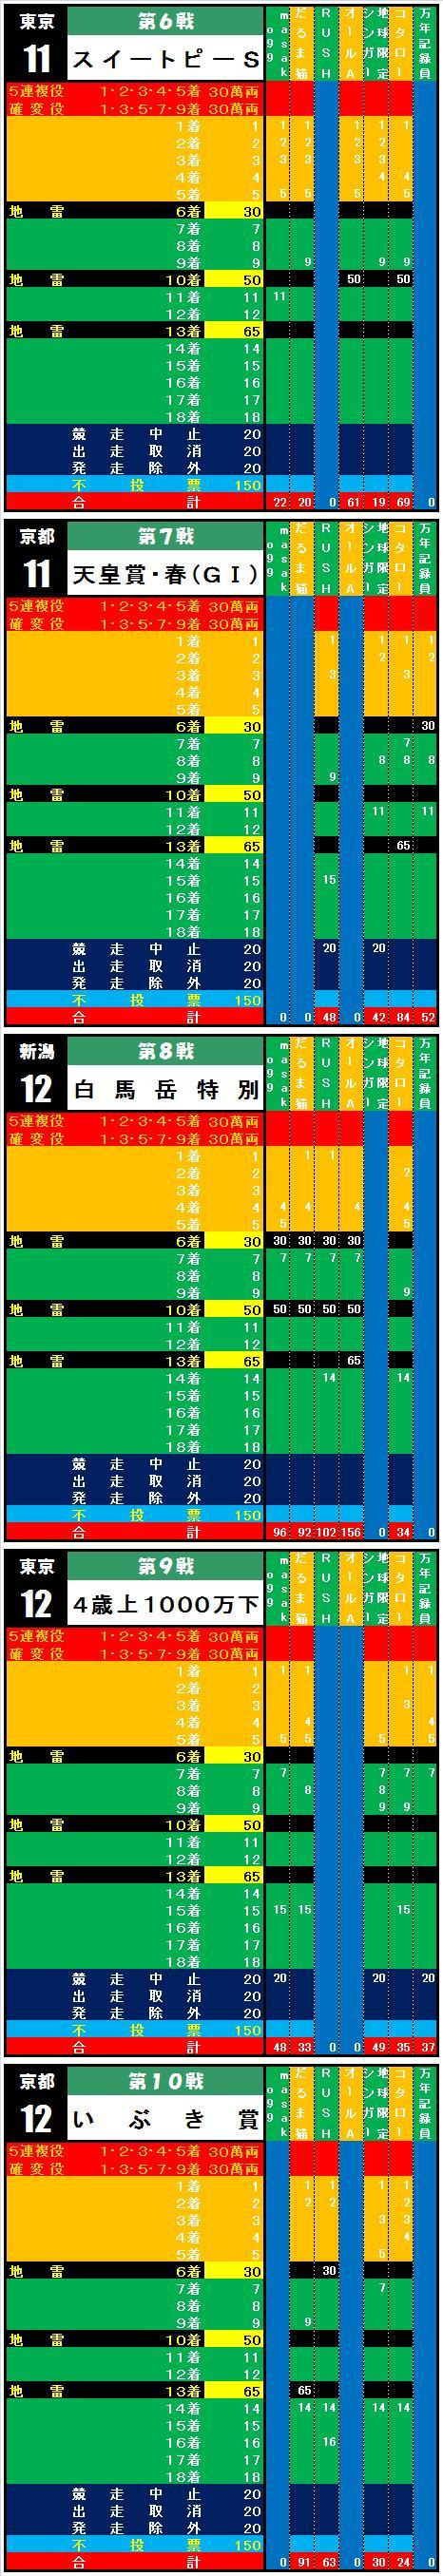 20110504・PICK5明細②.jpg